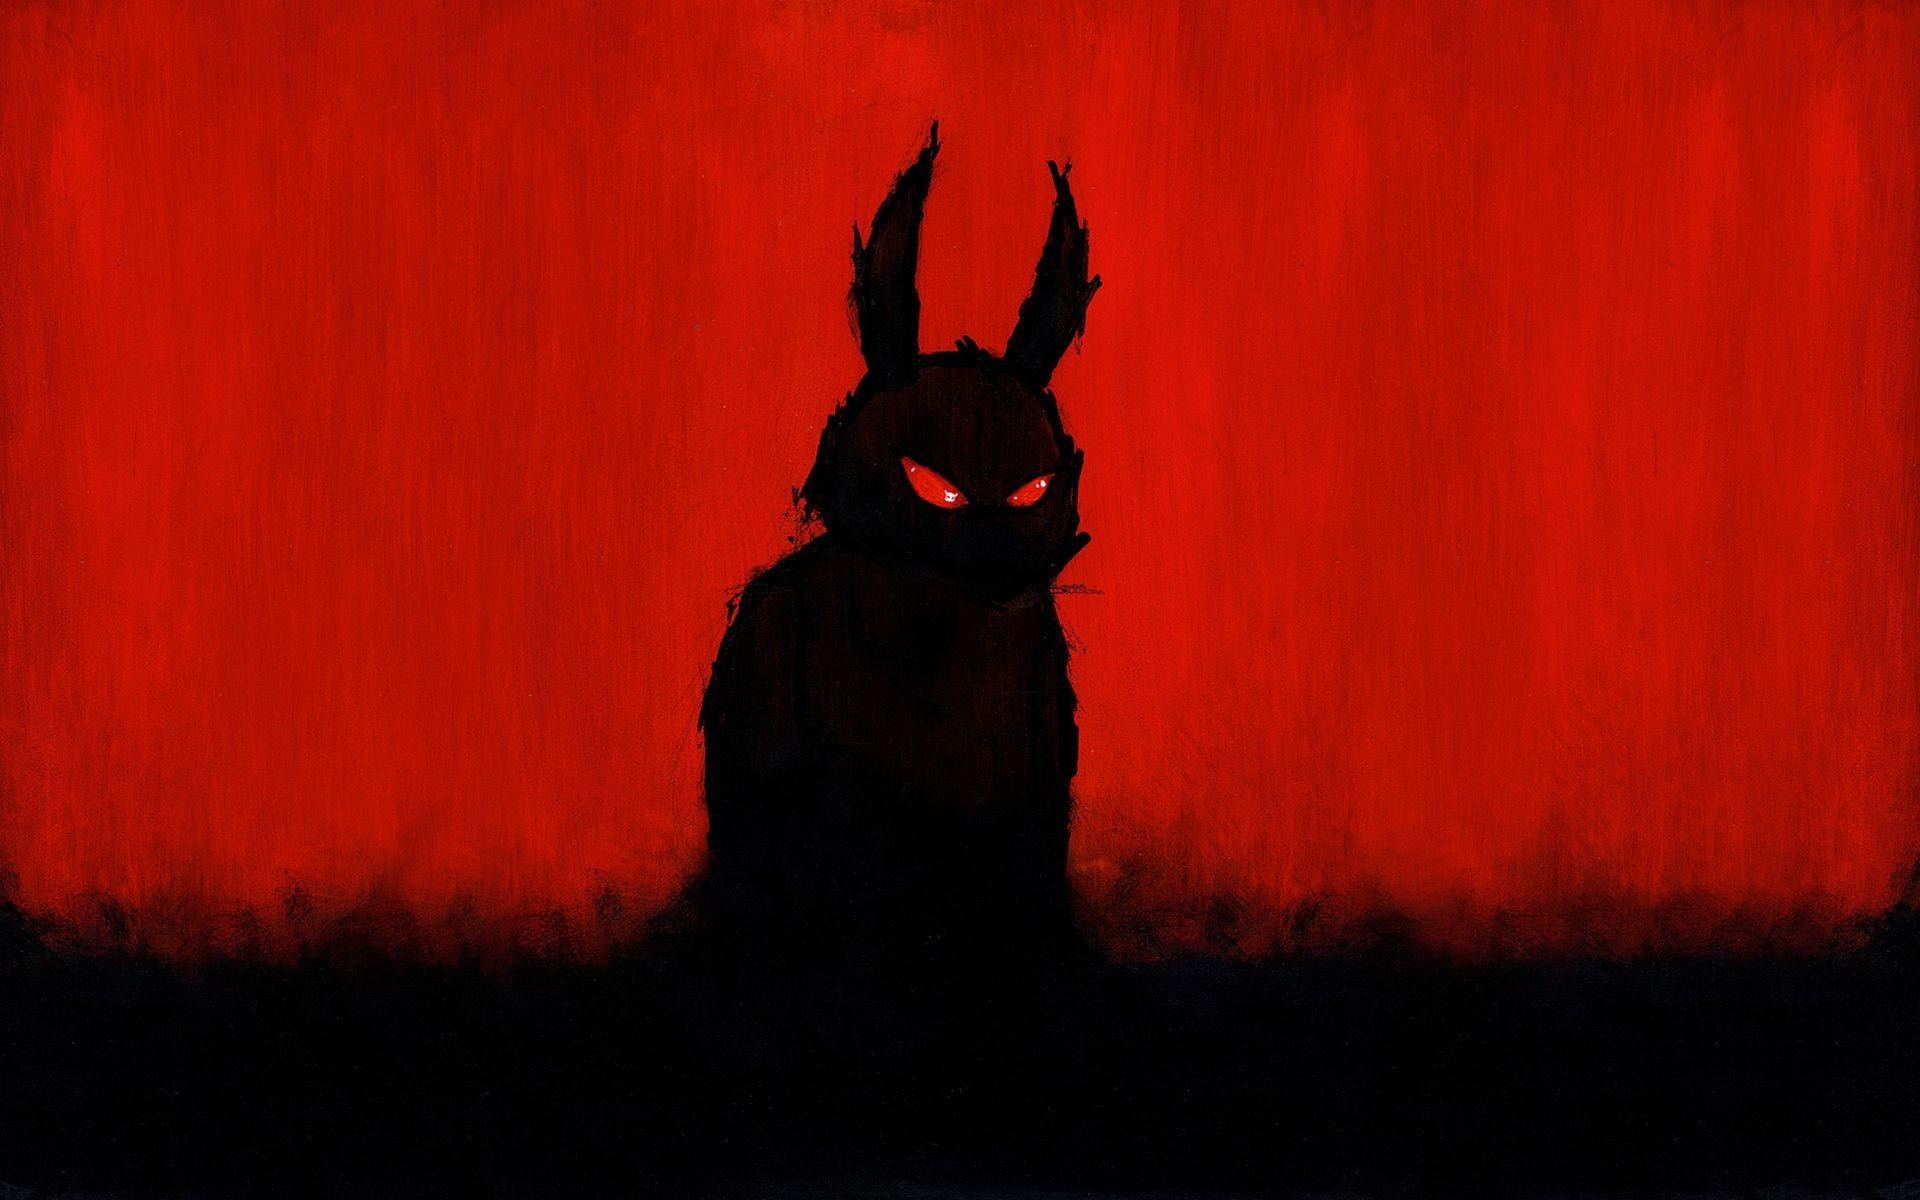 Evil #4